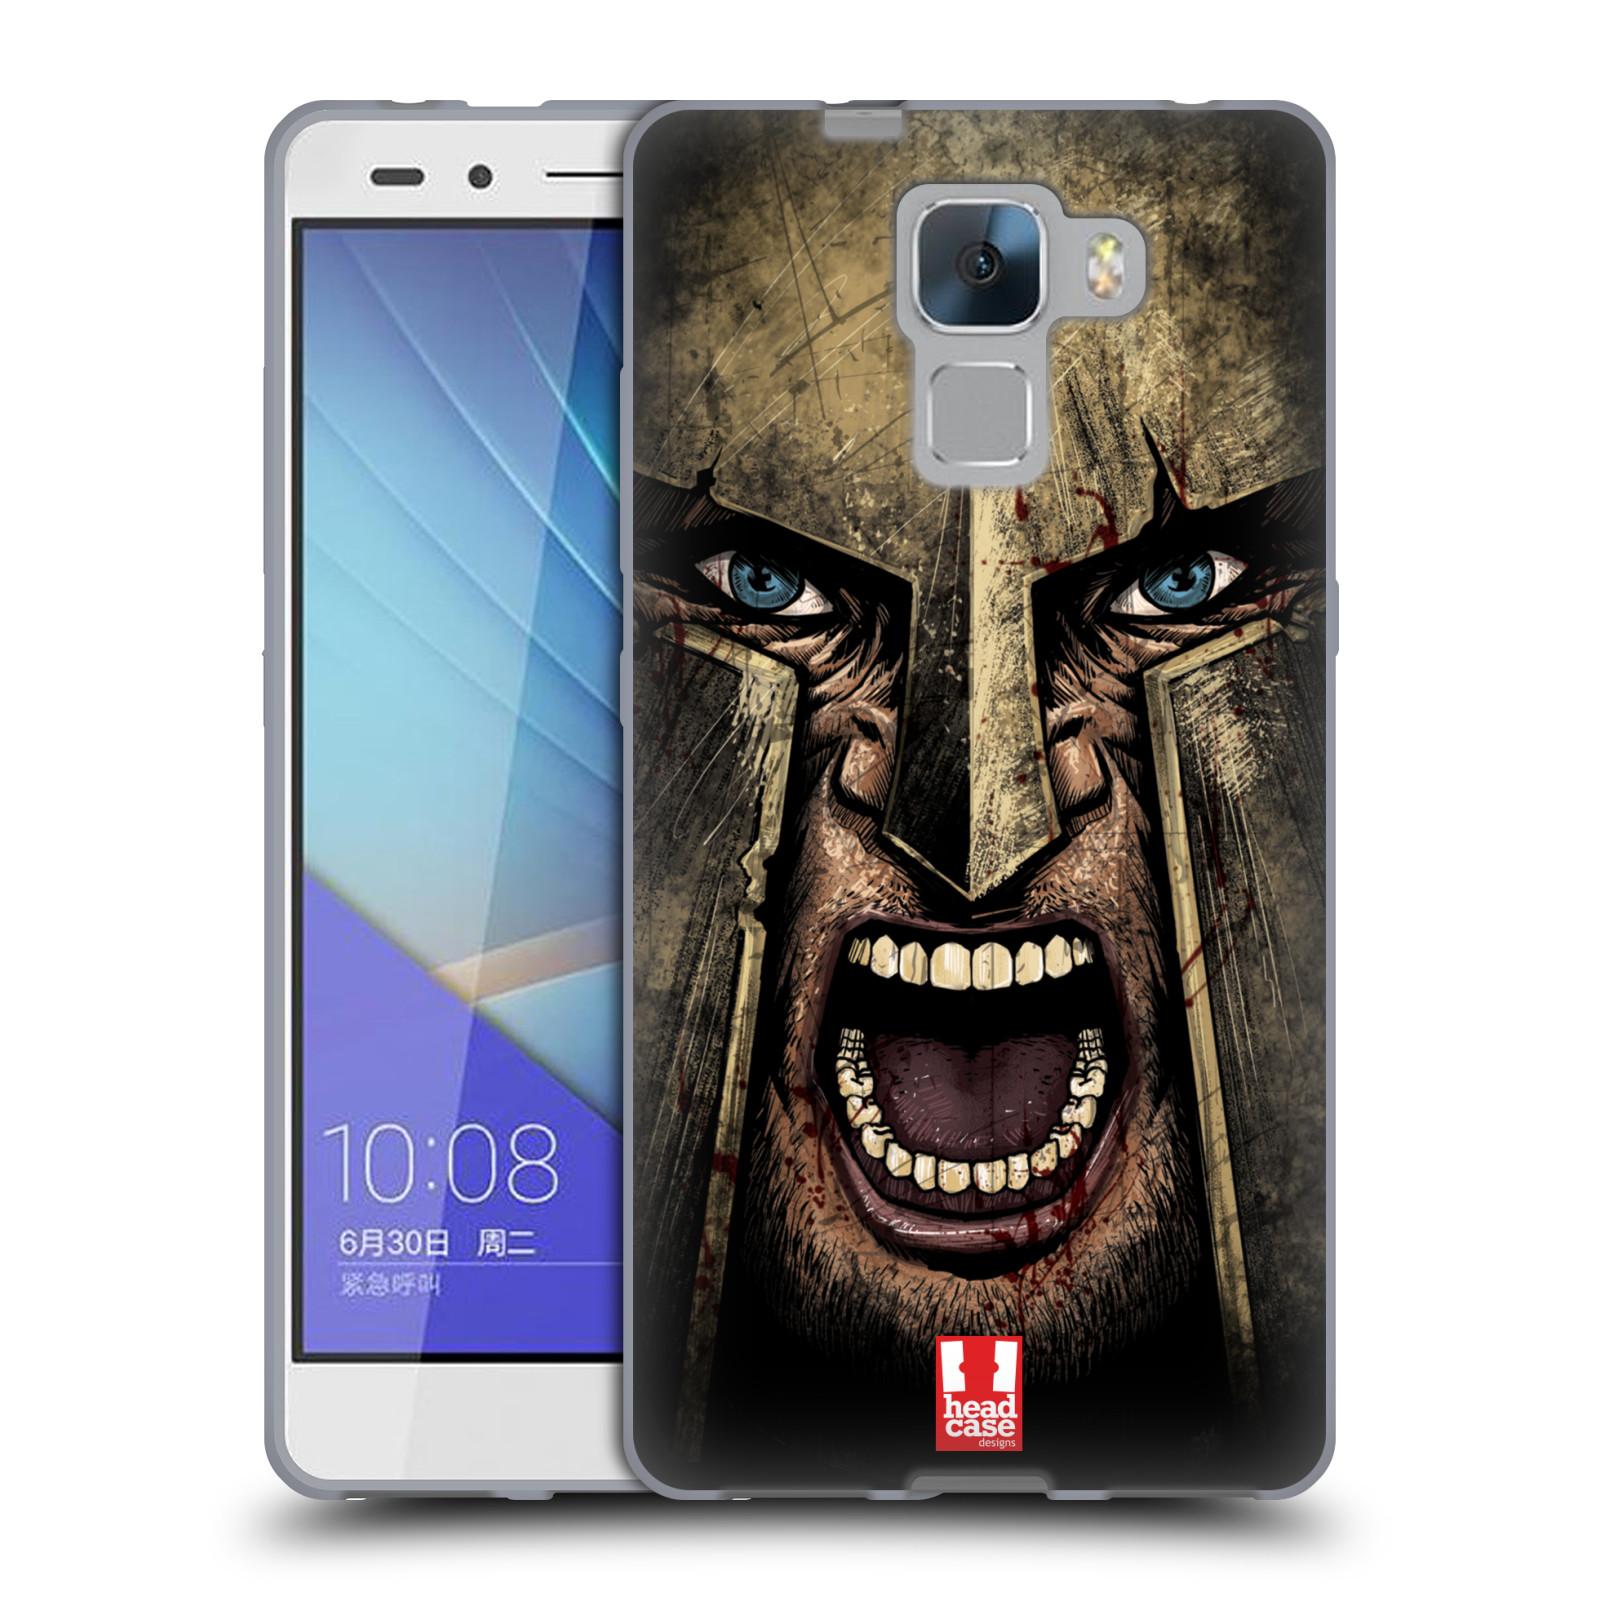 Silikonové pouzdro na mobil Honor 7 - Head Case - Řvoucí válečník